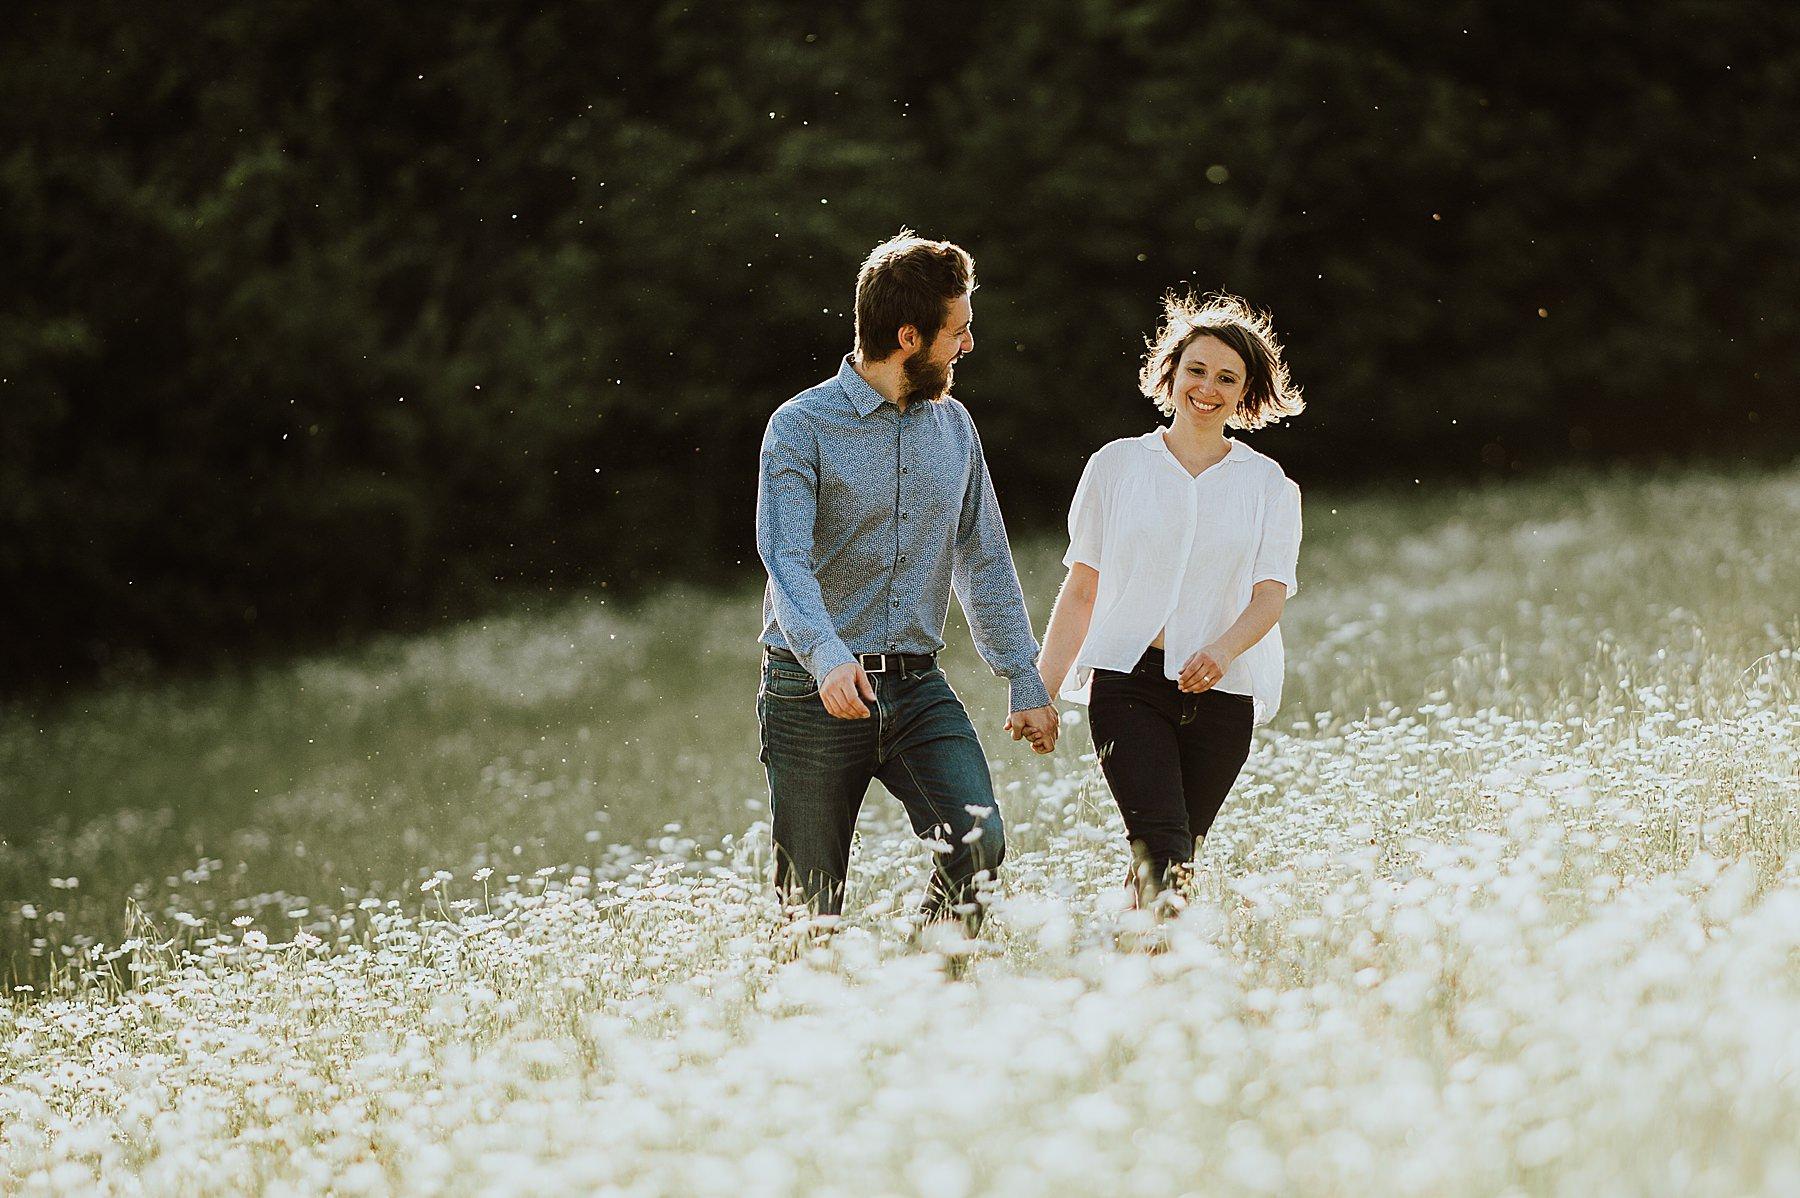 shooting fotografico di coppia romantico naturale